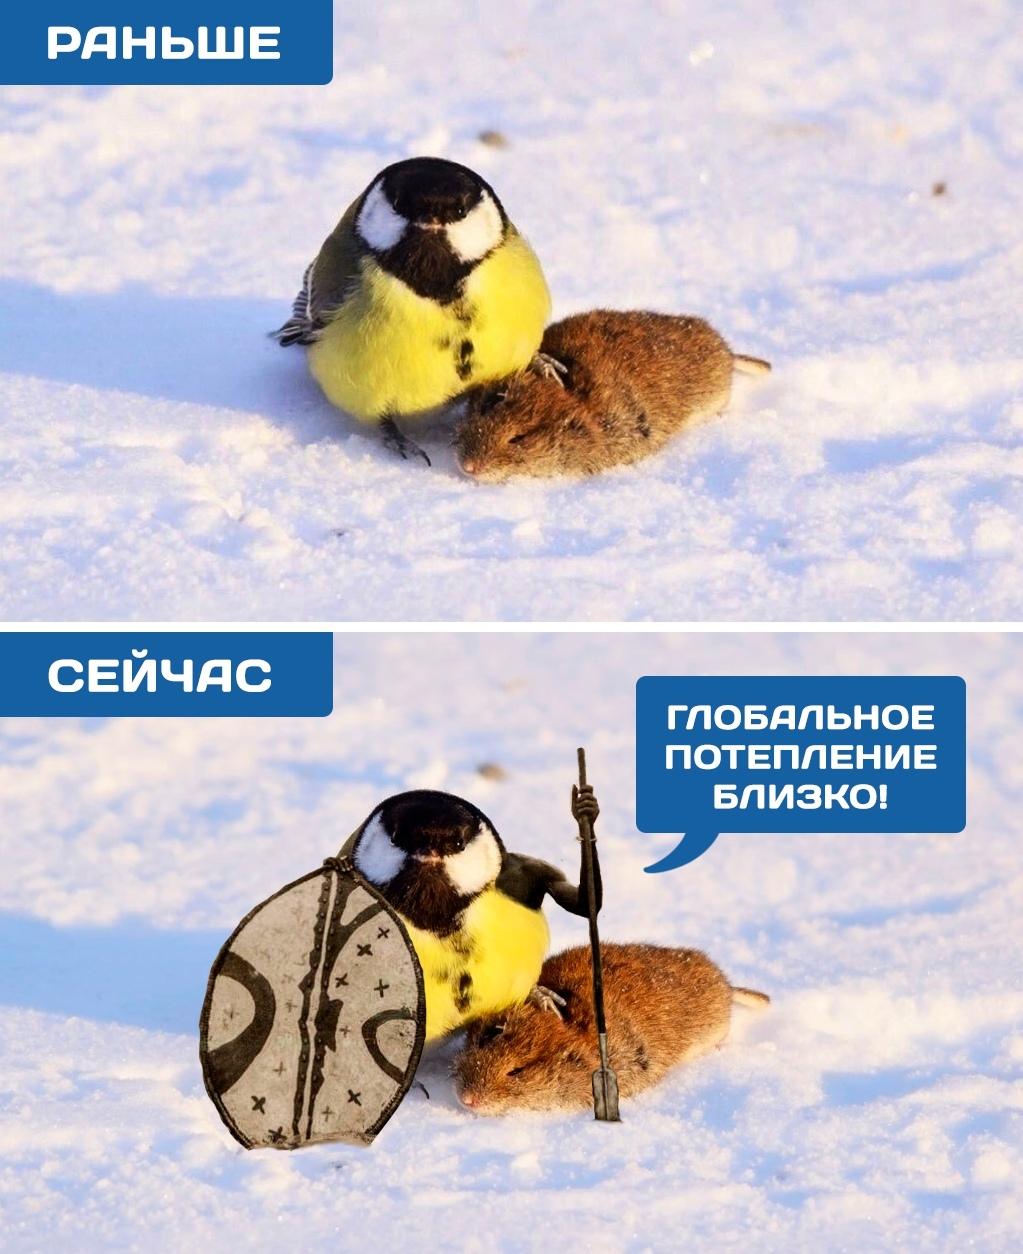 muzh-drugoy-zlie-ptichki-v-podvorotne